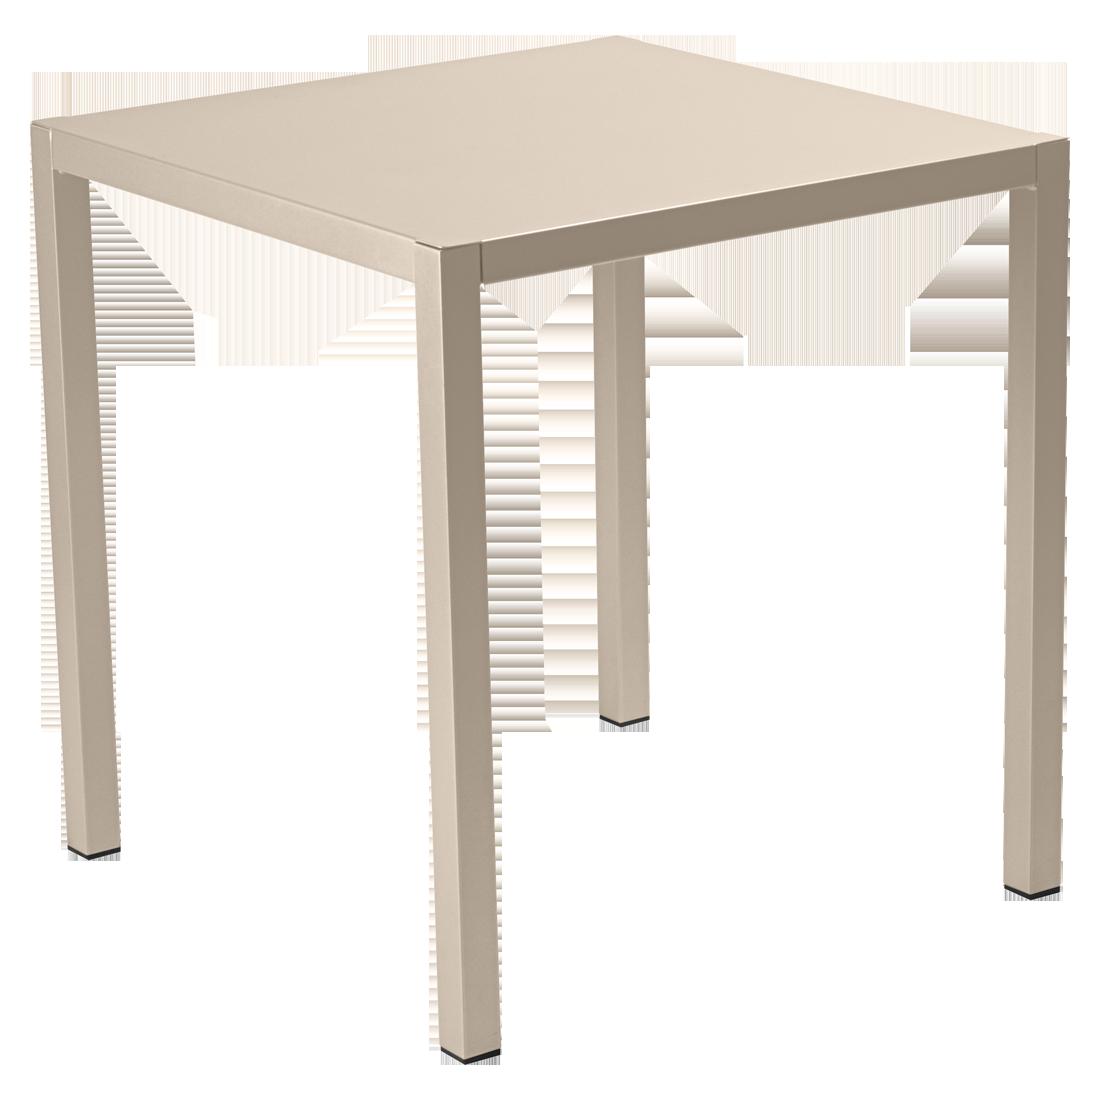 table 70x70 inside out table de jardin design. Black Bedroom Furniture Sets. Home Design Ideas